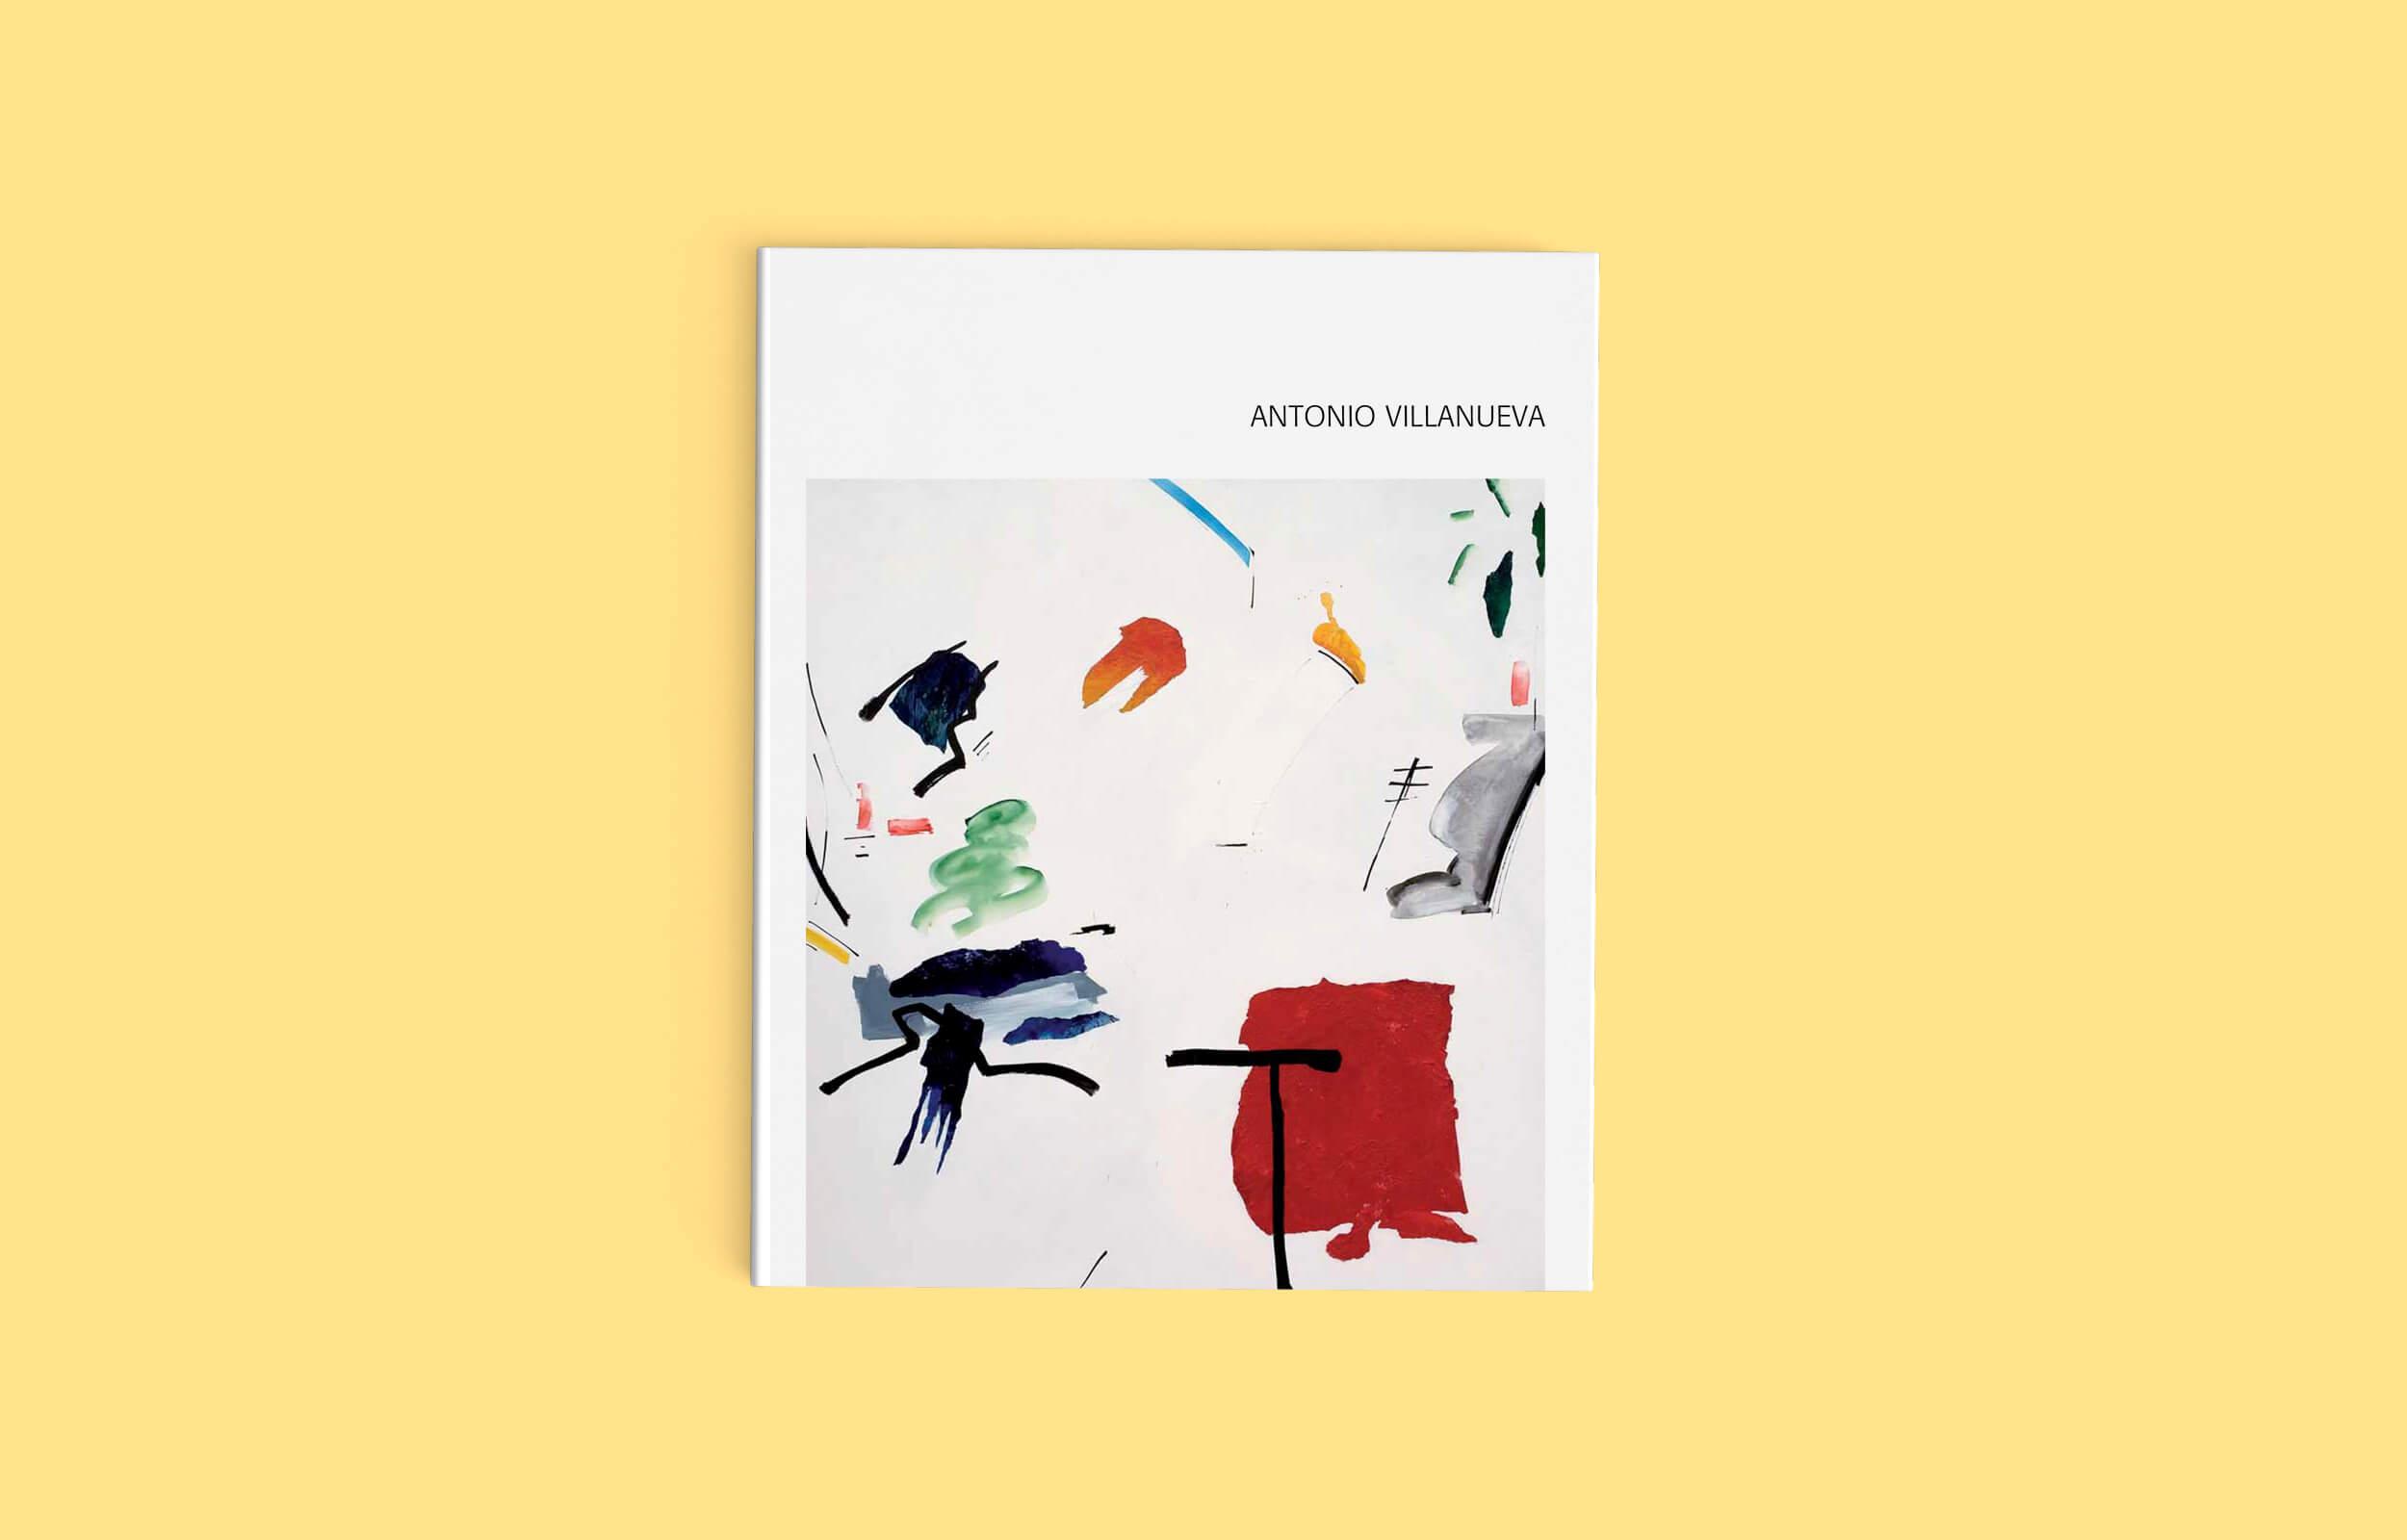 Diseño y maquetación del libro del artista Ibicenco Antonio Villanueva